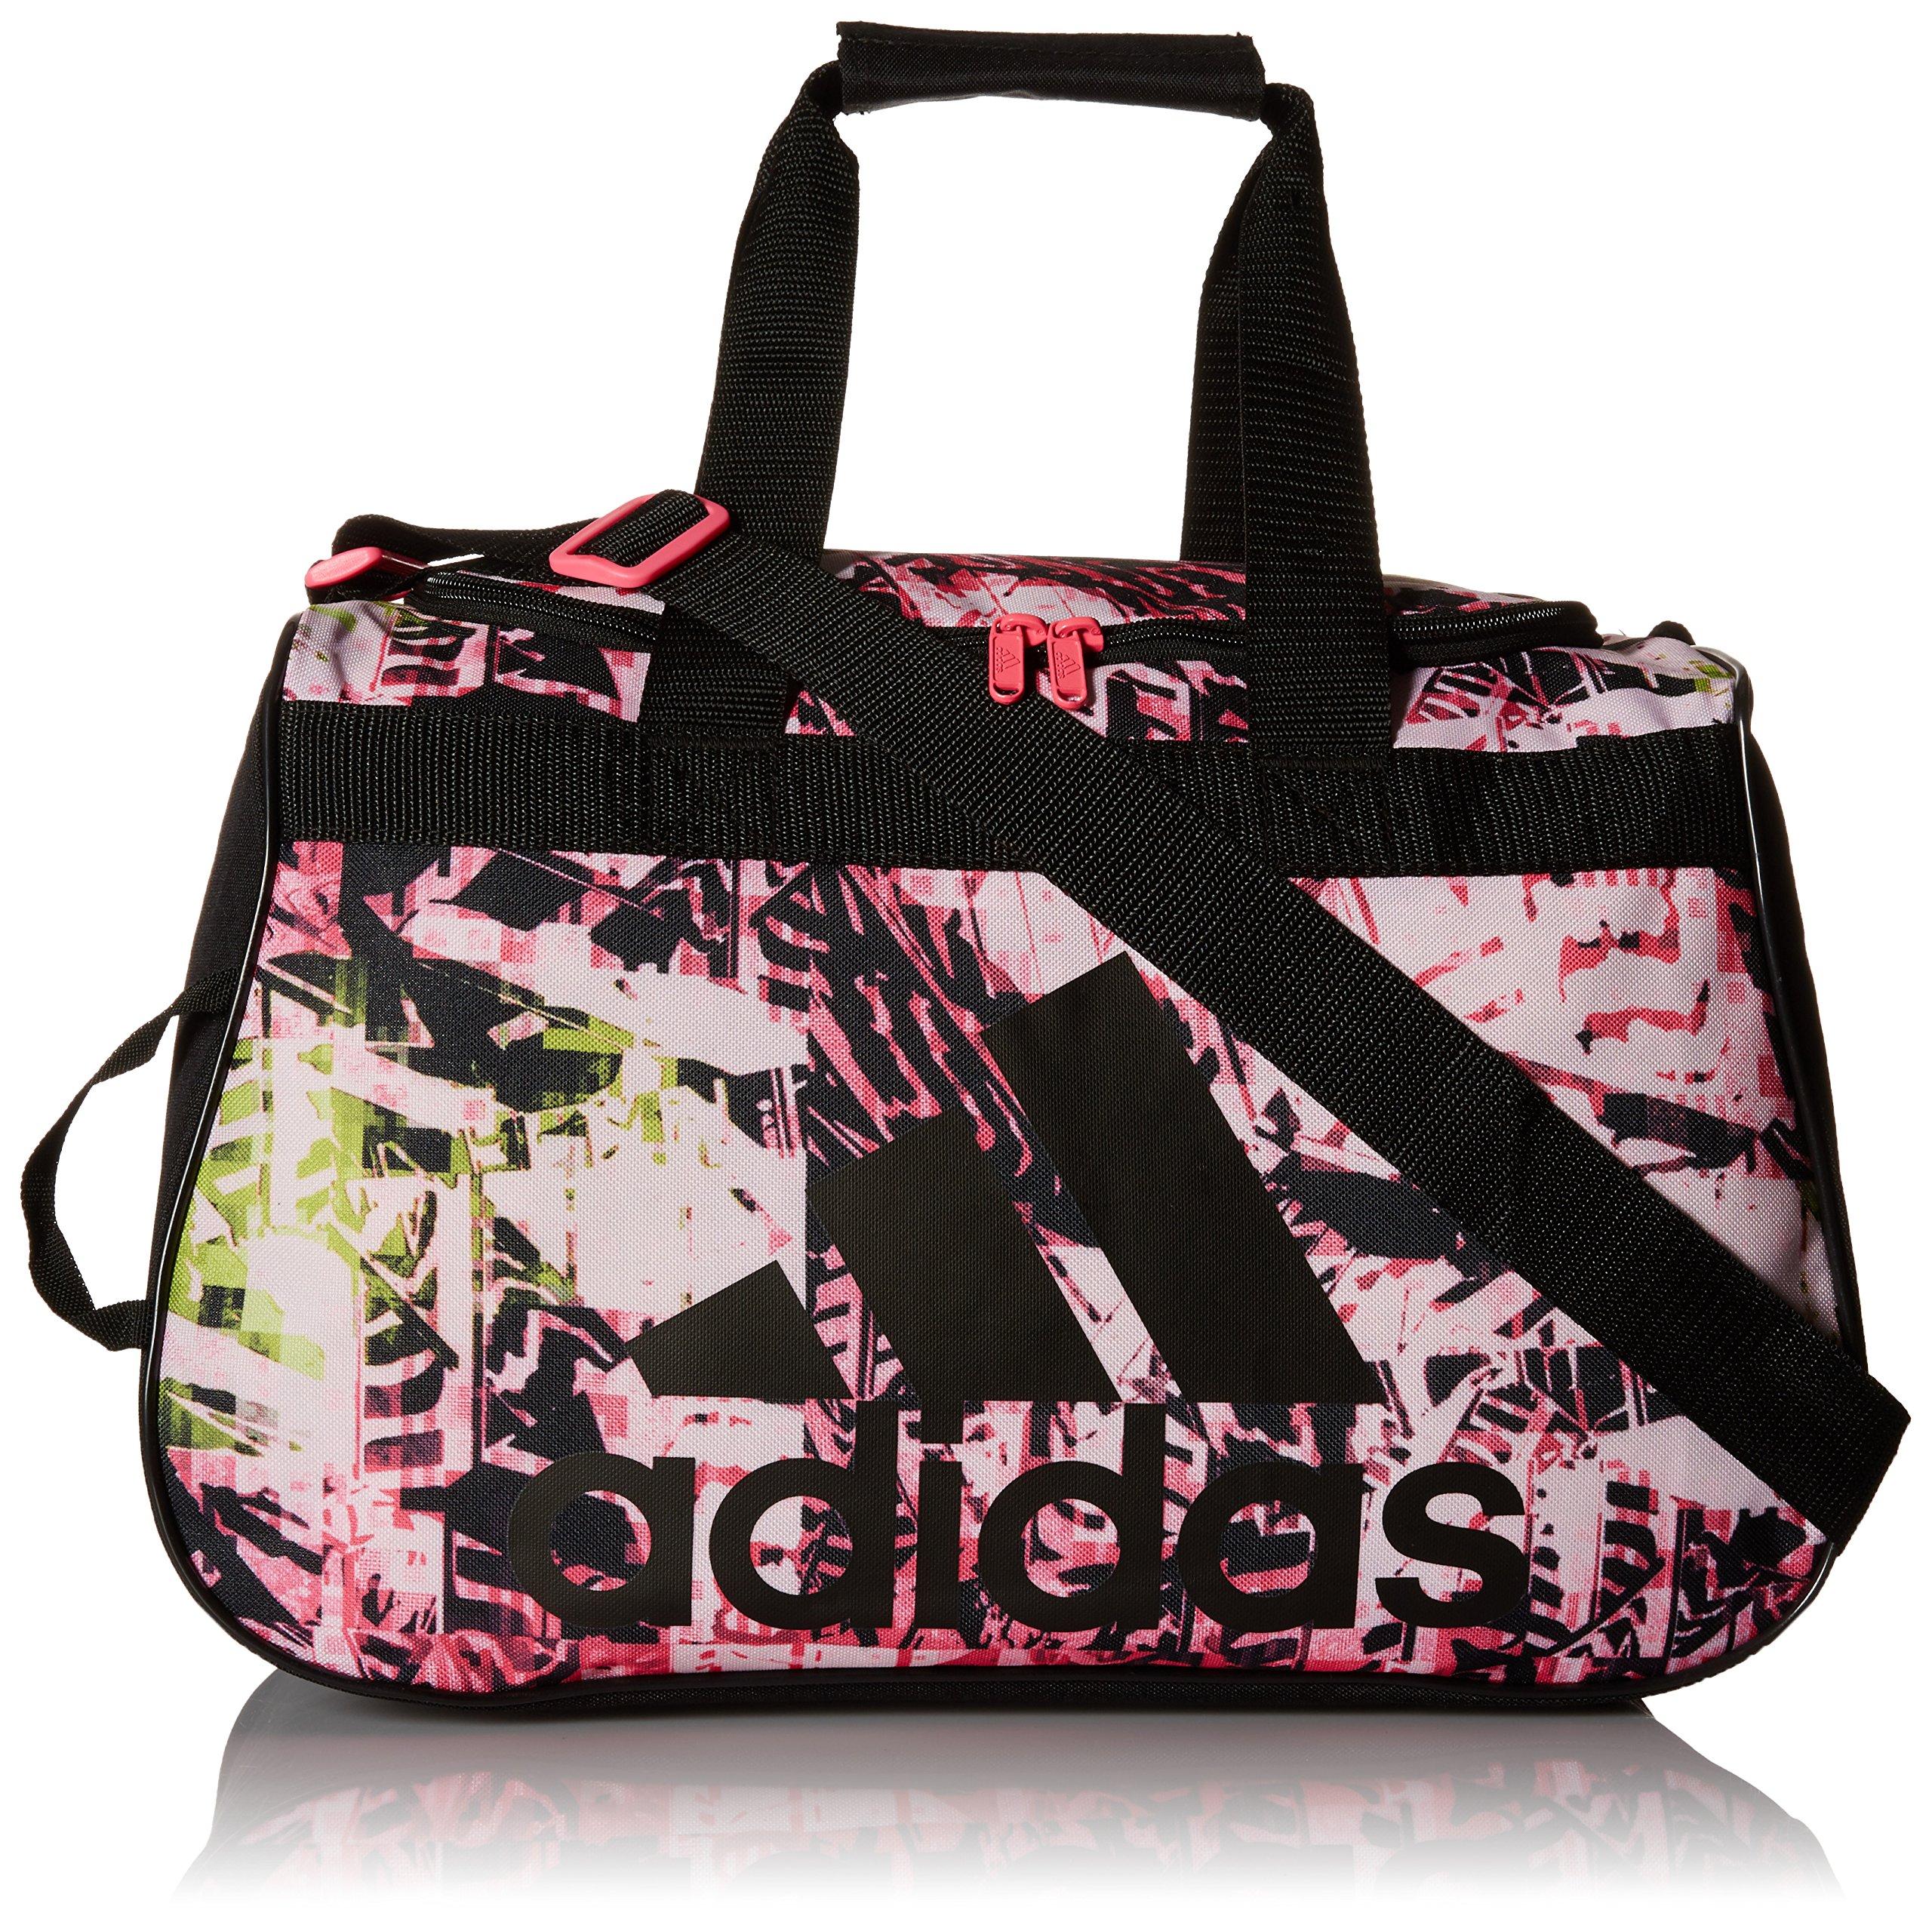 adidas Diablo Small Duffel Bag, Urban Wild Solar Pink/Black, 11 x 18.5 x 10-Inch